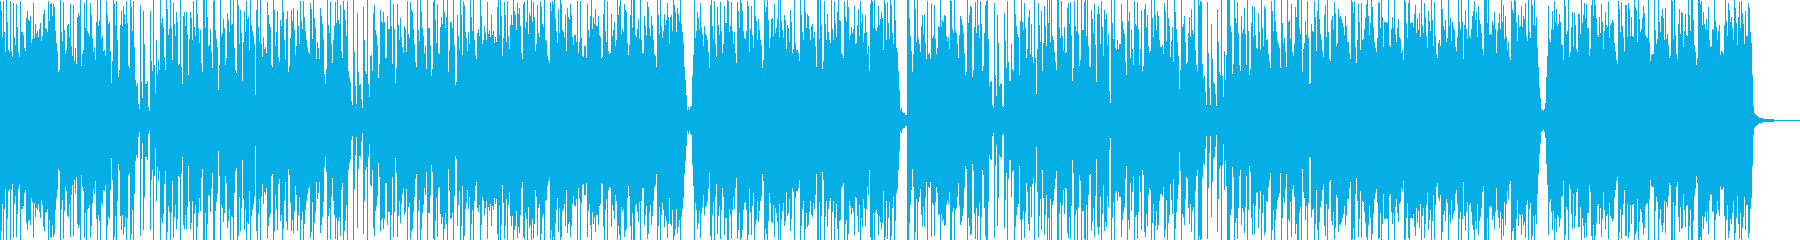 オープニング、バラエティ元気な応援ロックの再生済みの波形